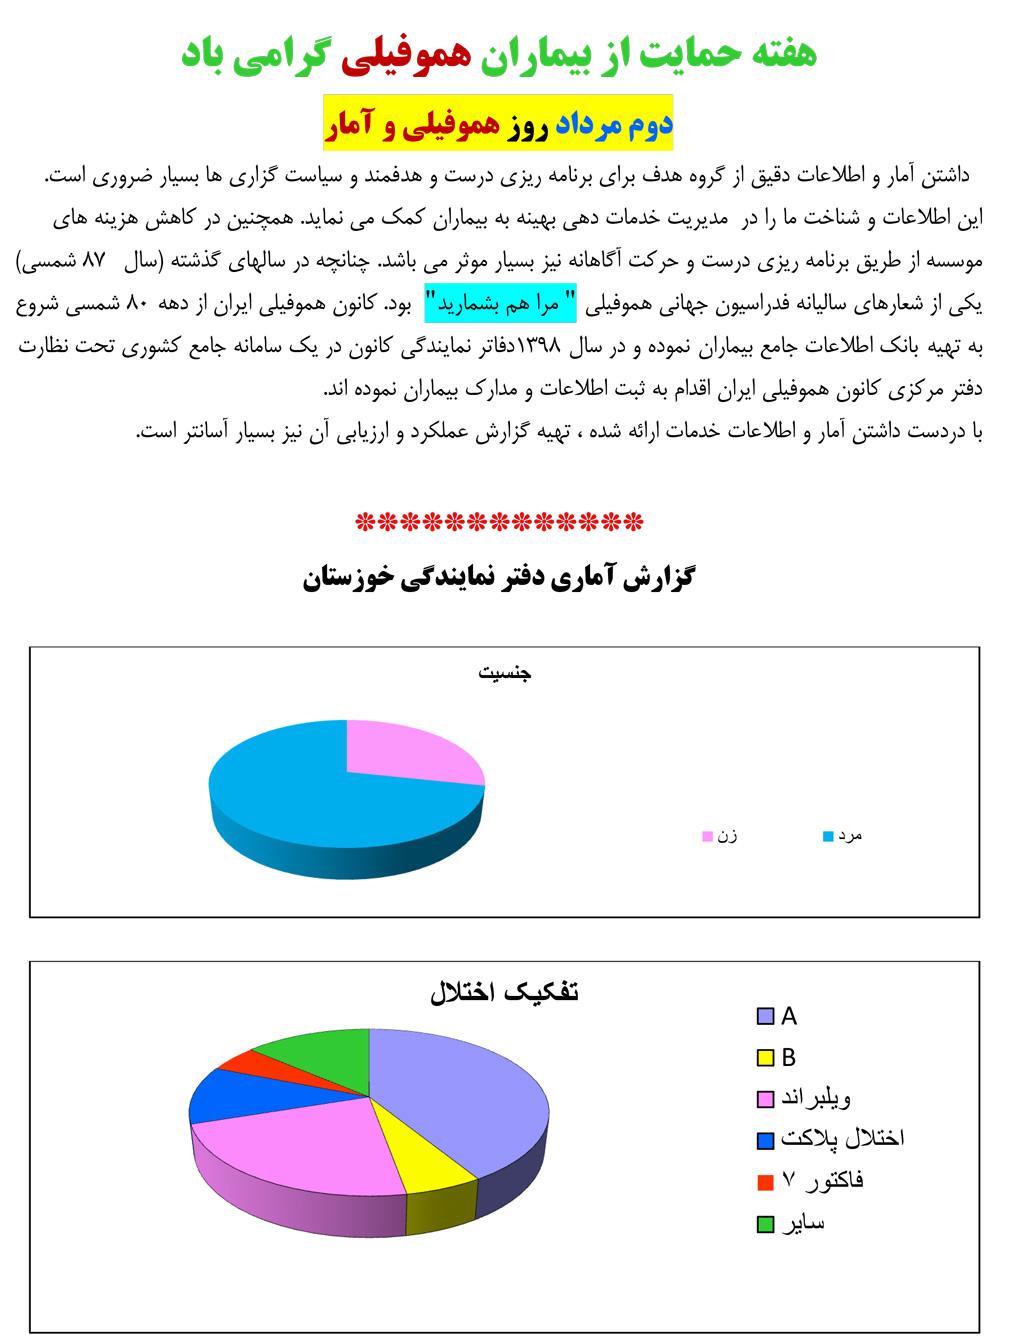 گزارش آماری دفتر نمایندگی کانون هموفیلی ایران در استان خوزستان